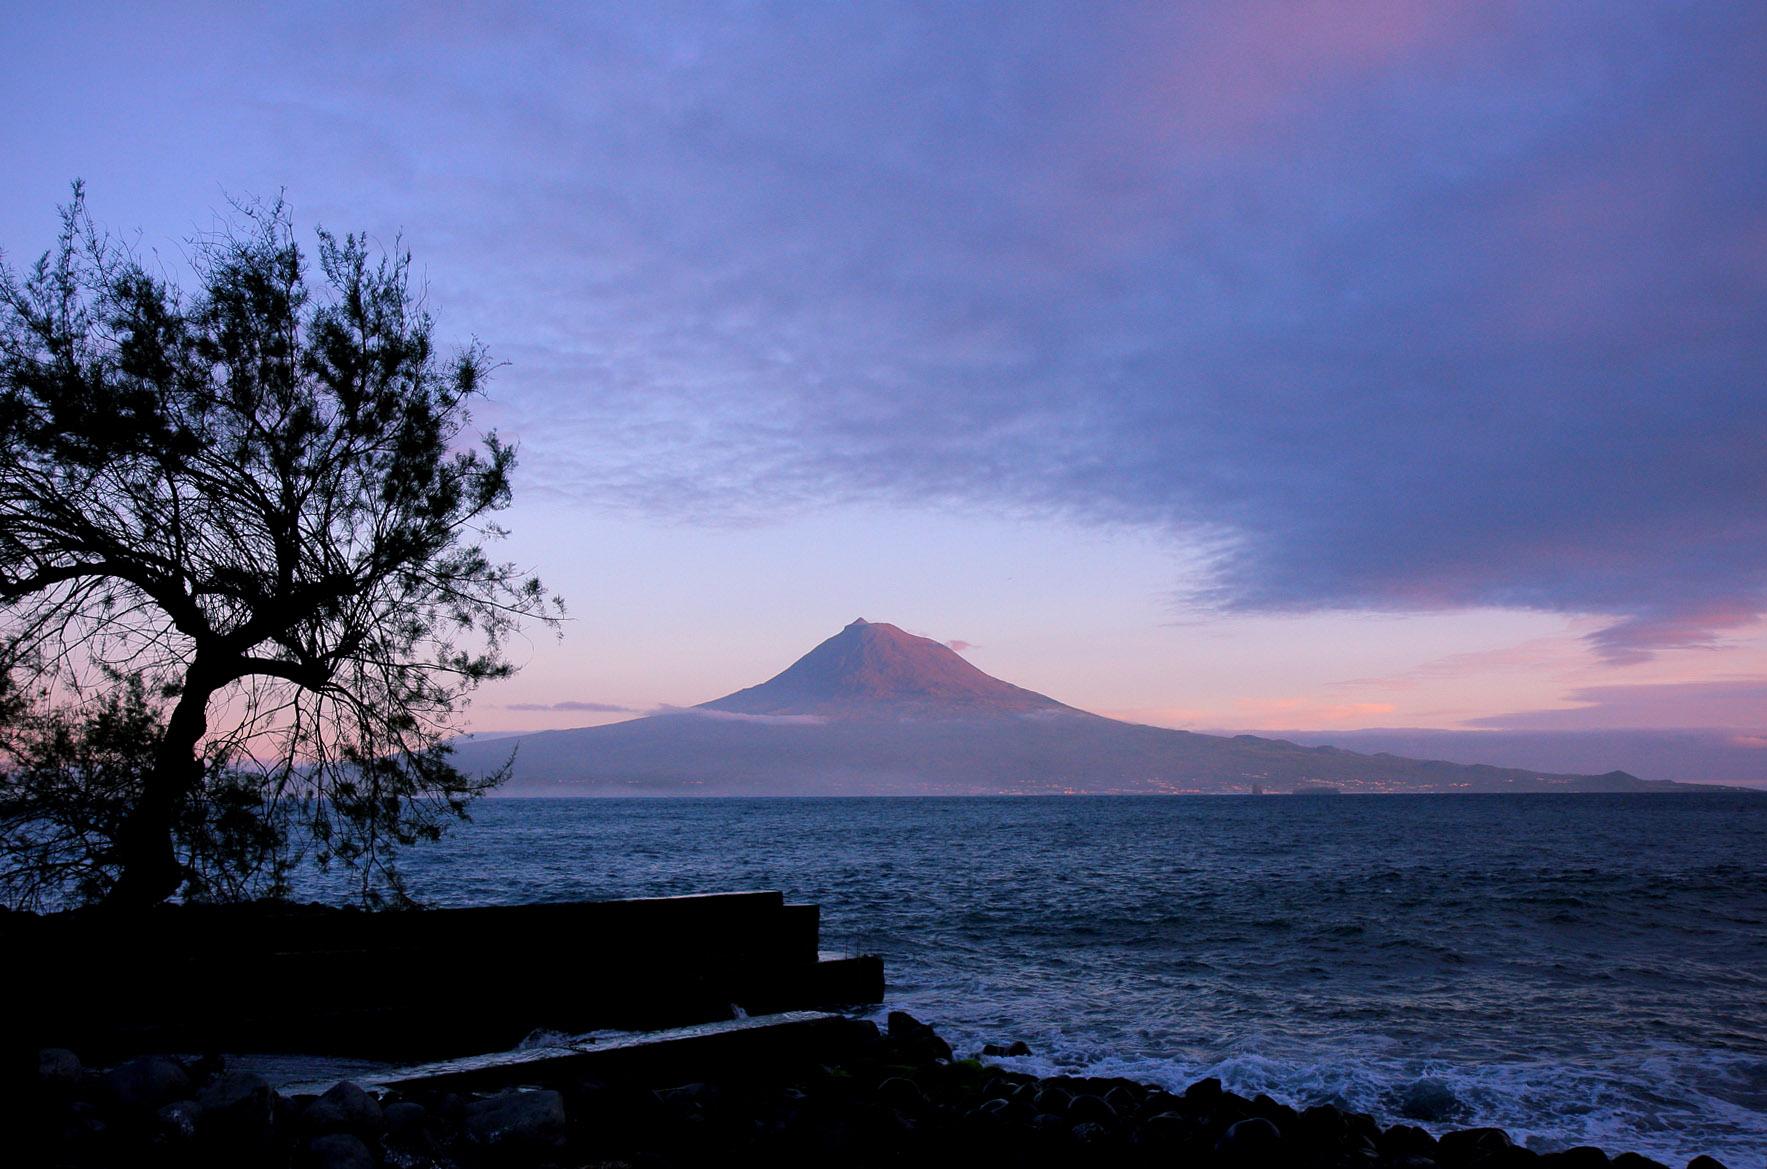 Porto da Ribeirinha - Faial, Açores